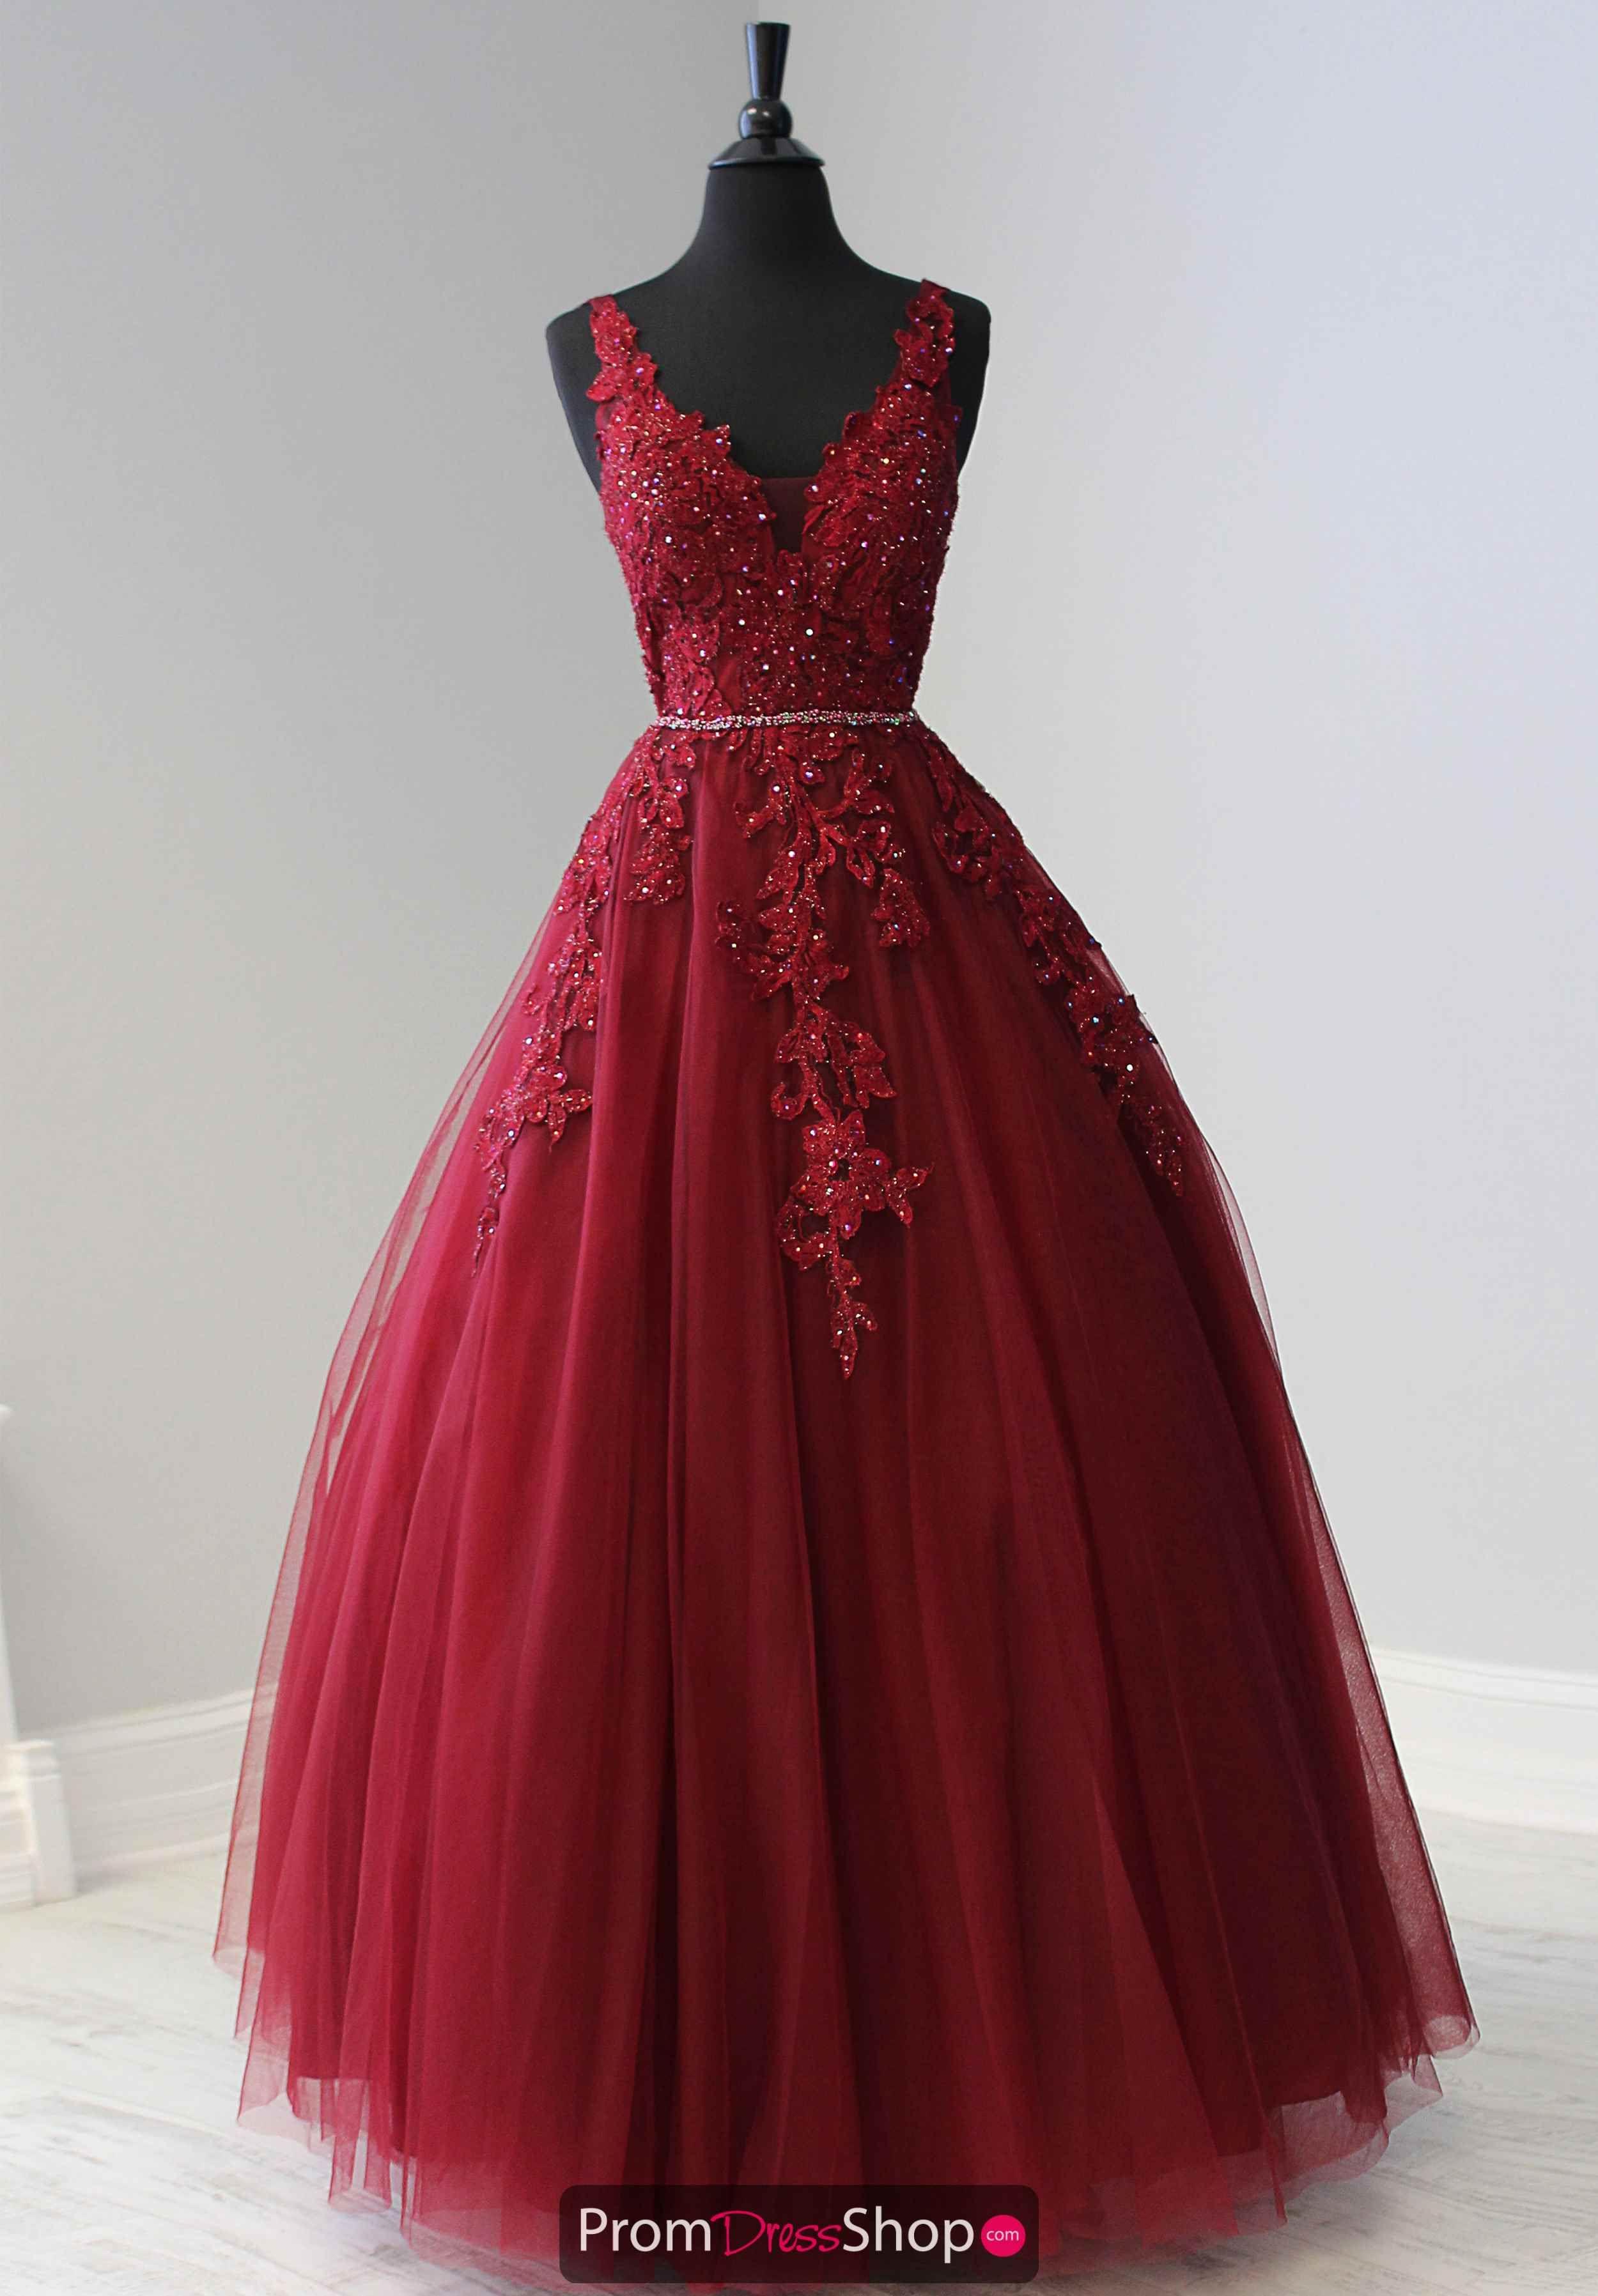 9e037c8b0ceb Tiffany A Line Beaded Dress 16332 in 2019